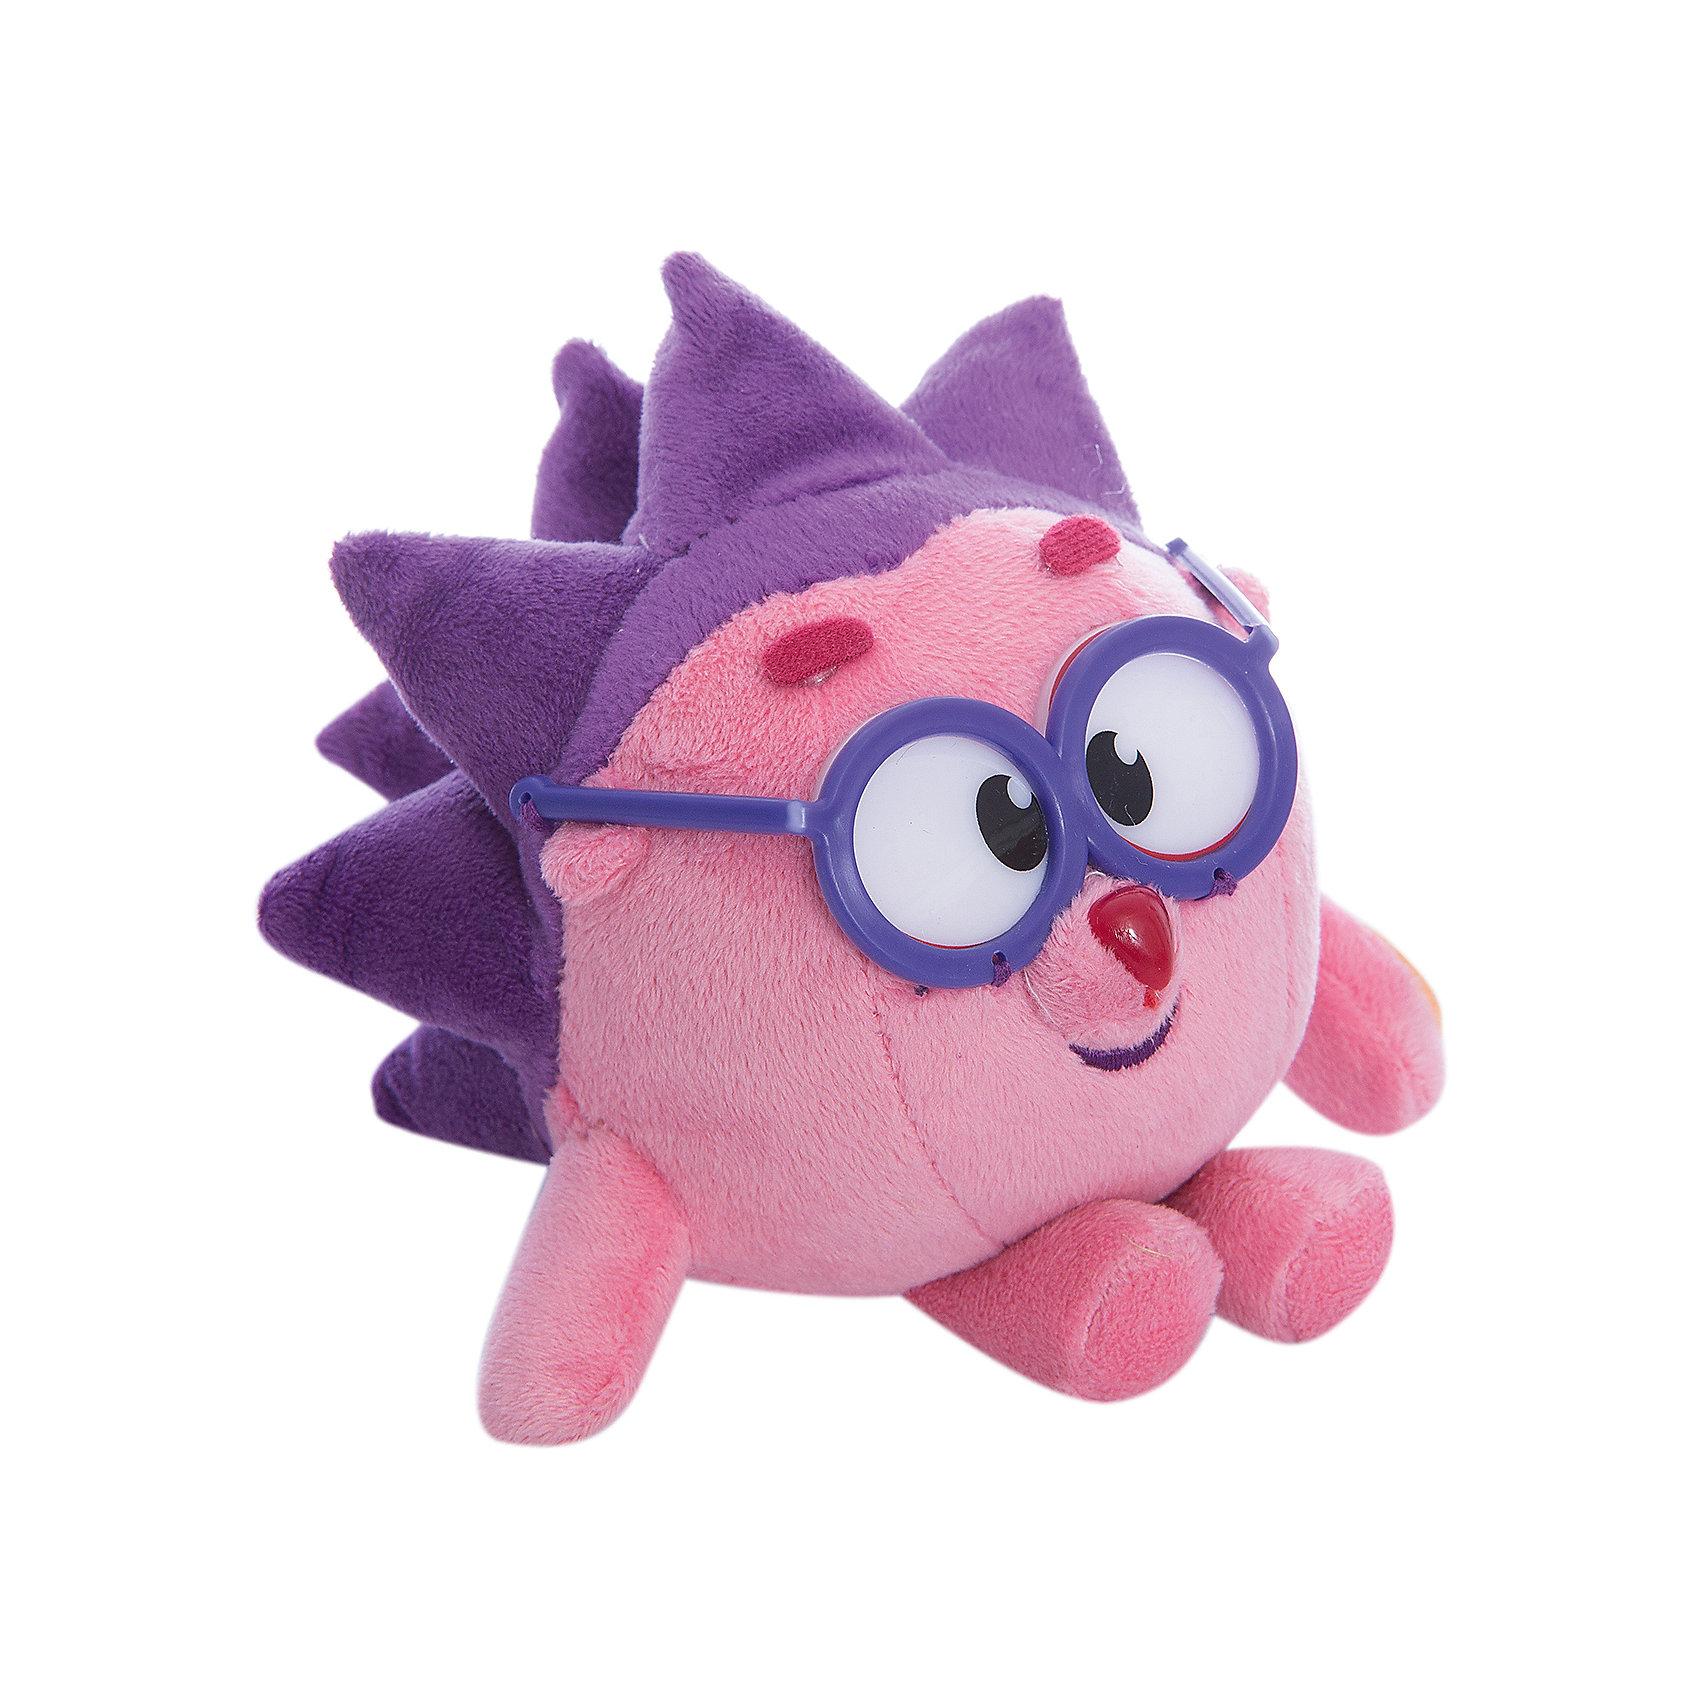 Мягкая игрушка  Ежик, со звуком, Смешарики, МУЛЬТИ-ПУЛЬТИОзвученные мягкие игрушки<br>Забавная игрушка Ёжик от Мульти-Пульти - персонаж мультсериала Смешарики о приключениях веселых круглых зверюшек. Ёжик очень серьезный и рассудительный, он хорошо воспитан и любит порядок, если Ваш ребенок поклонник мультсериала Смешарики он наверняка обрадуется такому подарку. Игрушка озвучена голосом героя мультфильма и произносит несколько фраз.<br><br>Дополнительная информация:<br><br>- Материал: текстиль, синтепон<br>- Требуются батарейки: 3 *типа LR44 (входят в комплект).<br>- Размер: 10 х 12 х 12 см.<br>- Вес:  0.2 кг. <br><br>Мягкую игрушку Паук Шнюк от Мульти-Пульти можно купить в нашем магазине.<br><br>Ширина мм: 100<br>Глубина мм: 200<br>Высота мм: 250<br>Вес г: 73<br>Возраст от месяцев: 24<br>Возраст до месяцев: 1188<br>Пол: Унисекс<br>Возраст: Детский<br>SKU: 3384122